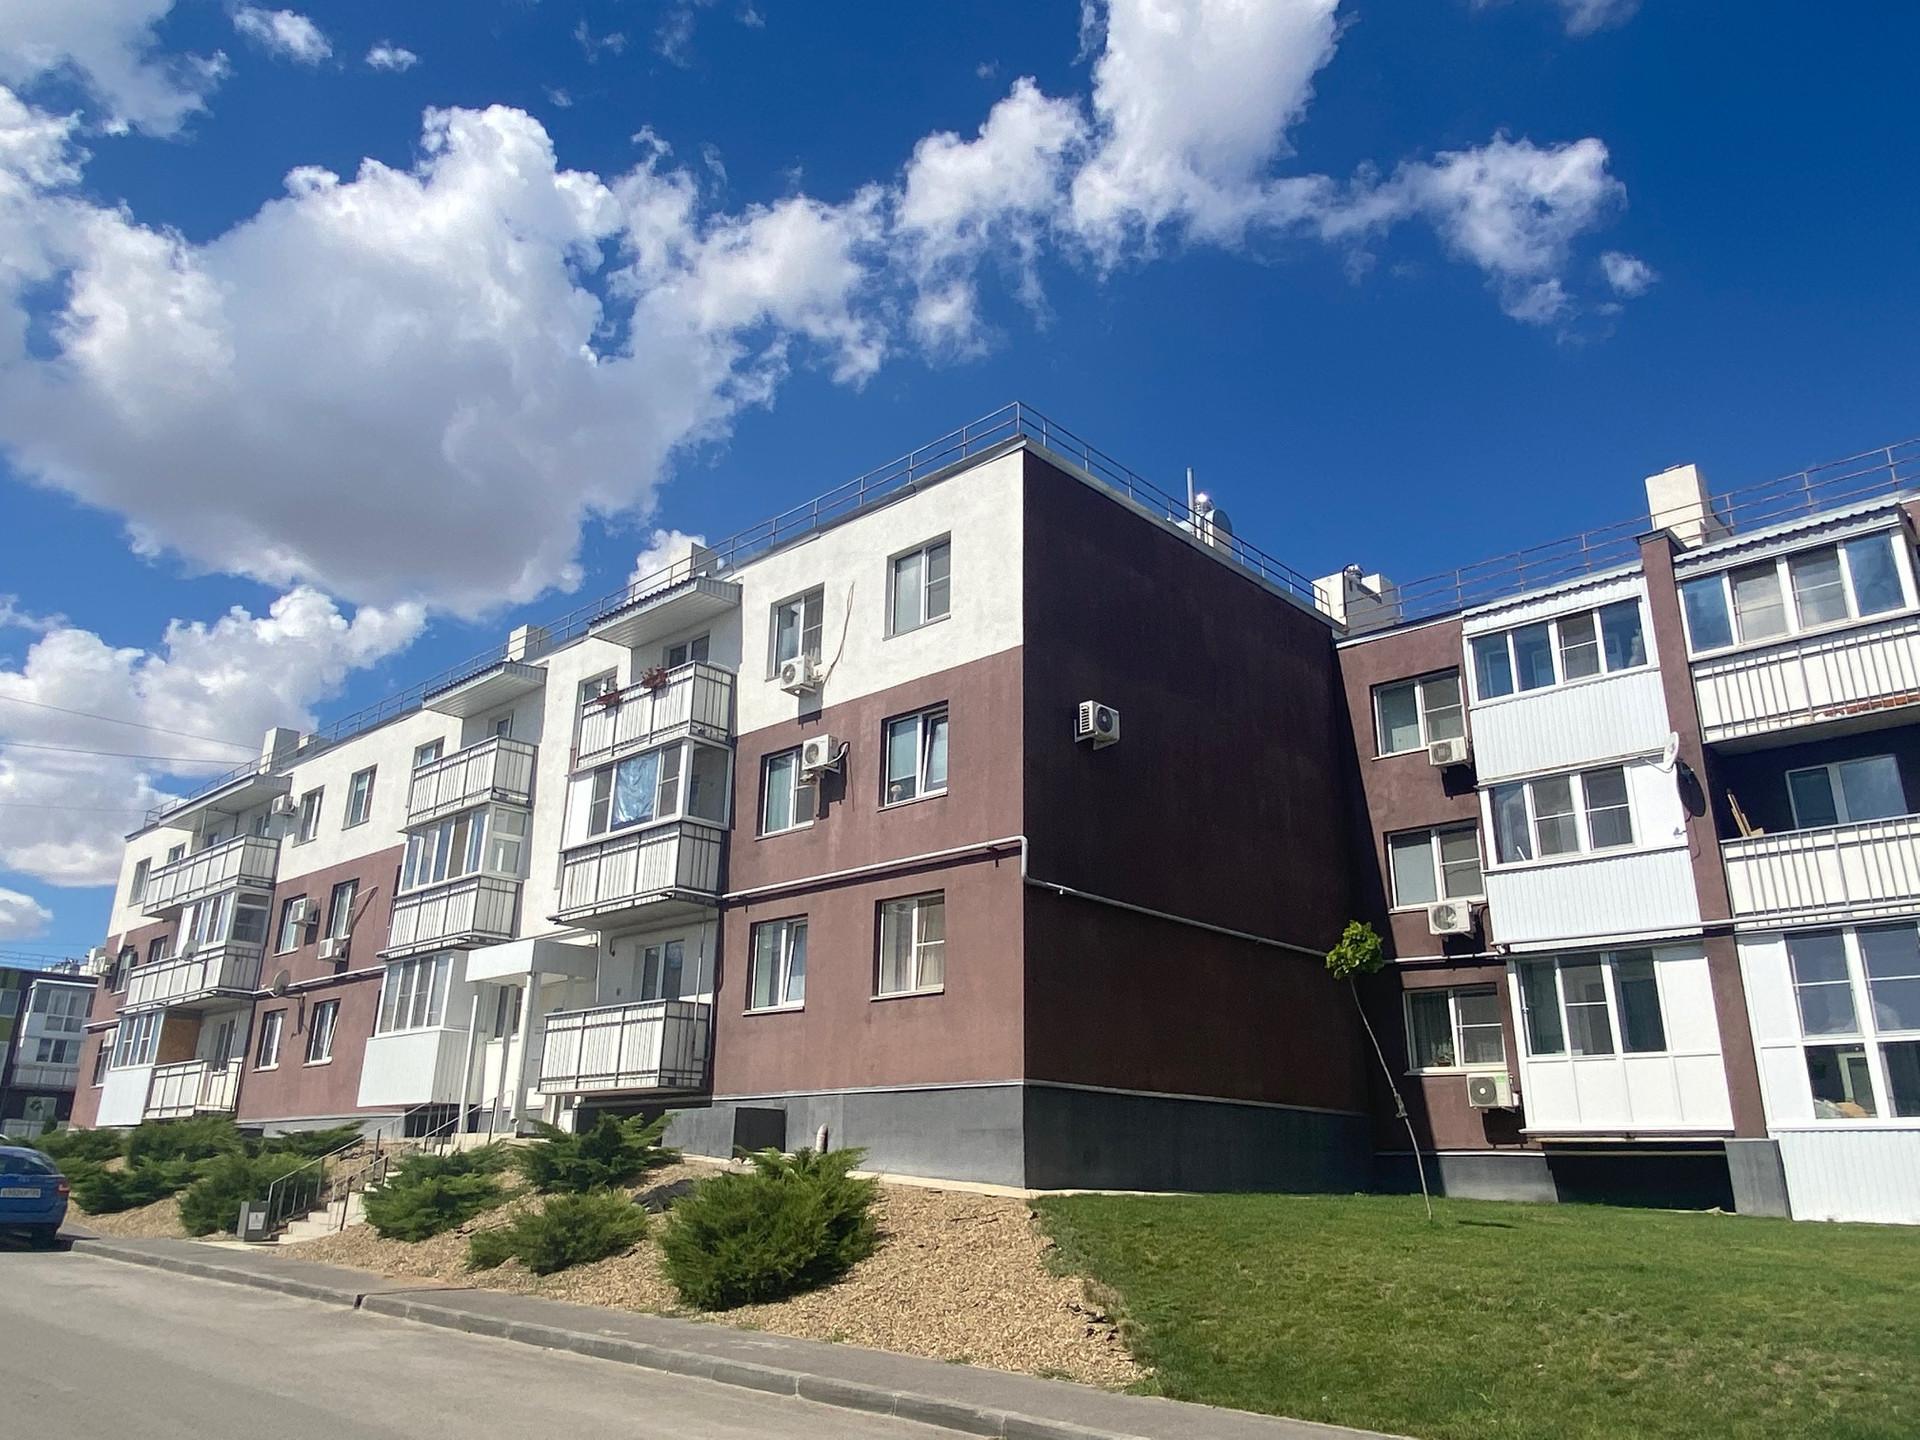 Снять квартиру на преображенке с фото рост промышленного